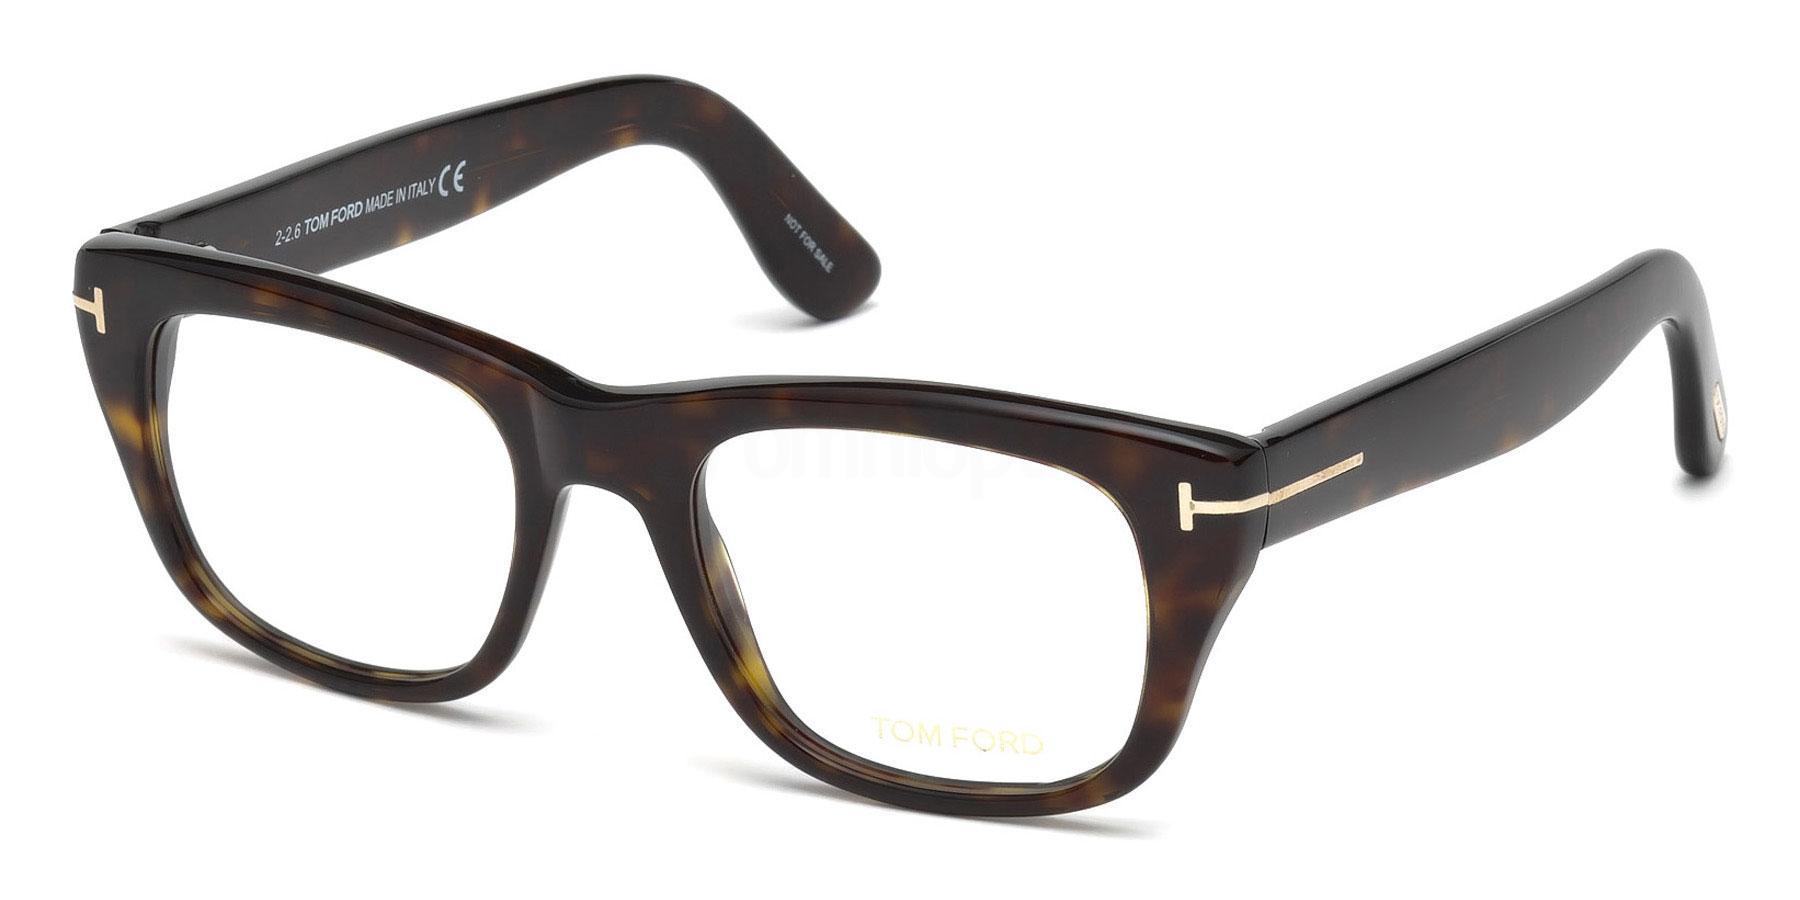 052 FT5472 Glasses, Tom Ford